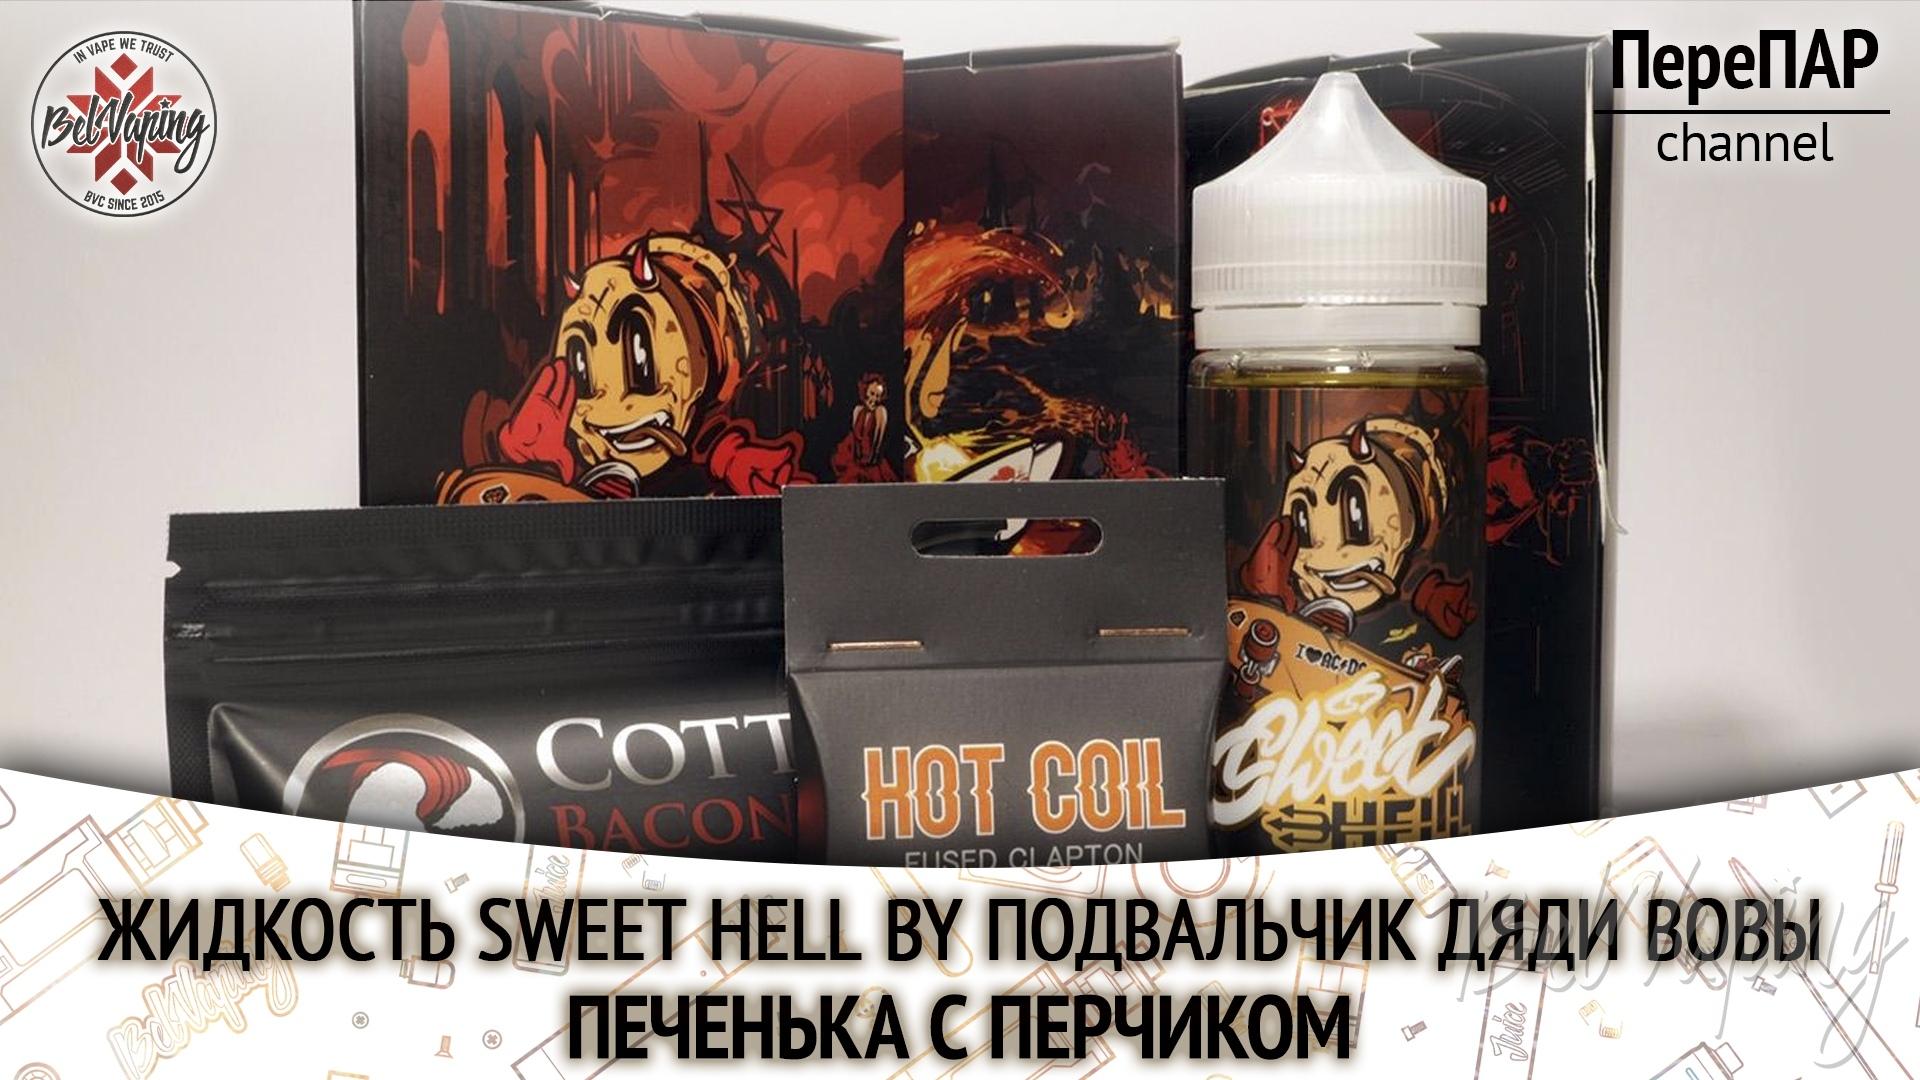 Обзор жидкости Sweet Hell от Дядя Вова Presents